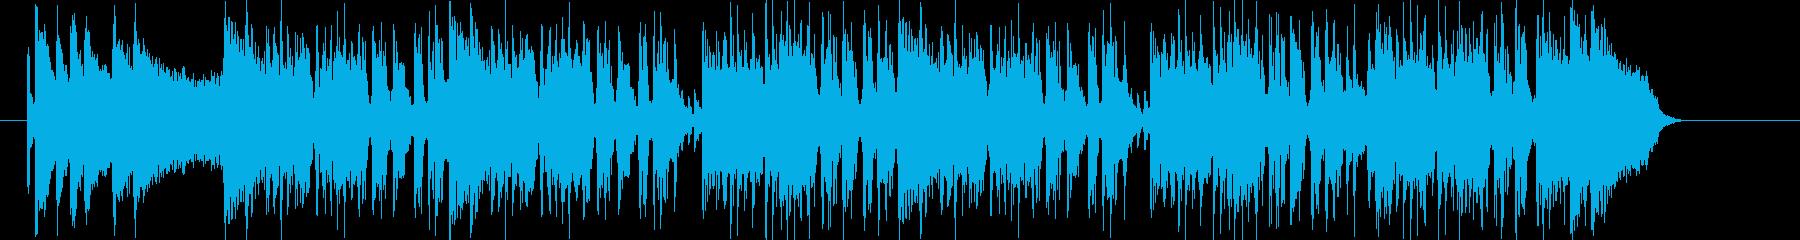 アップテンポなロックナンバーの再生済みの波形